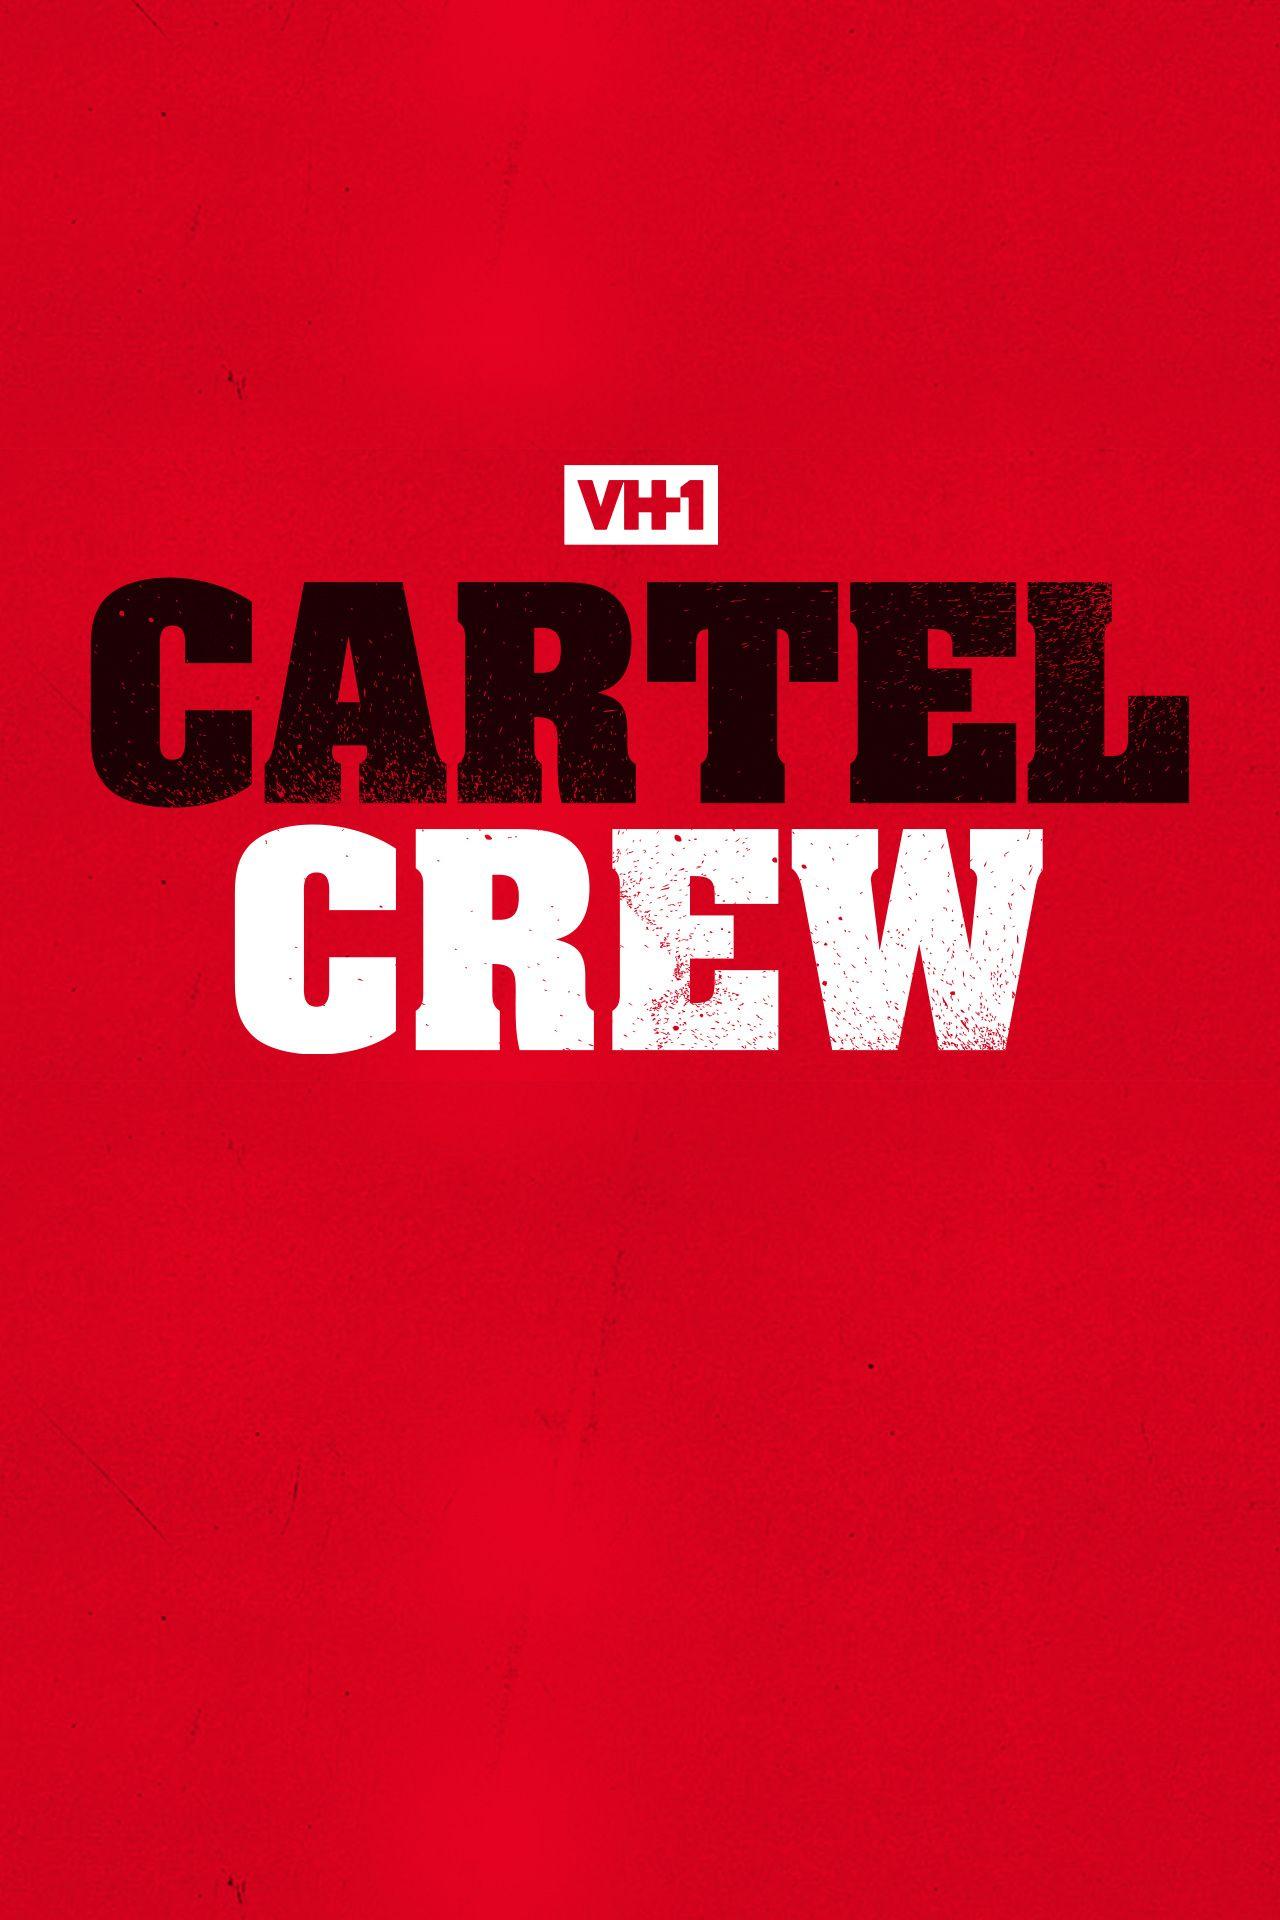 TV Schedule for Cartel Crew | VH1 TV Series Schedule